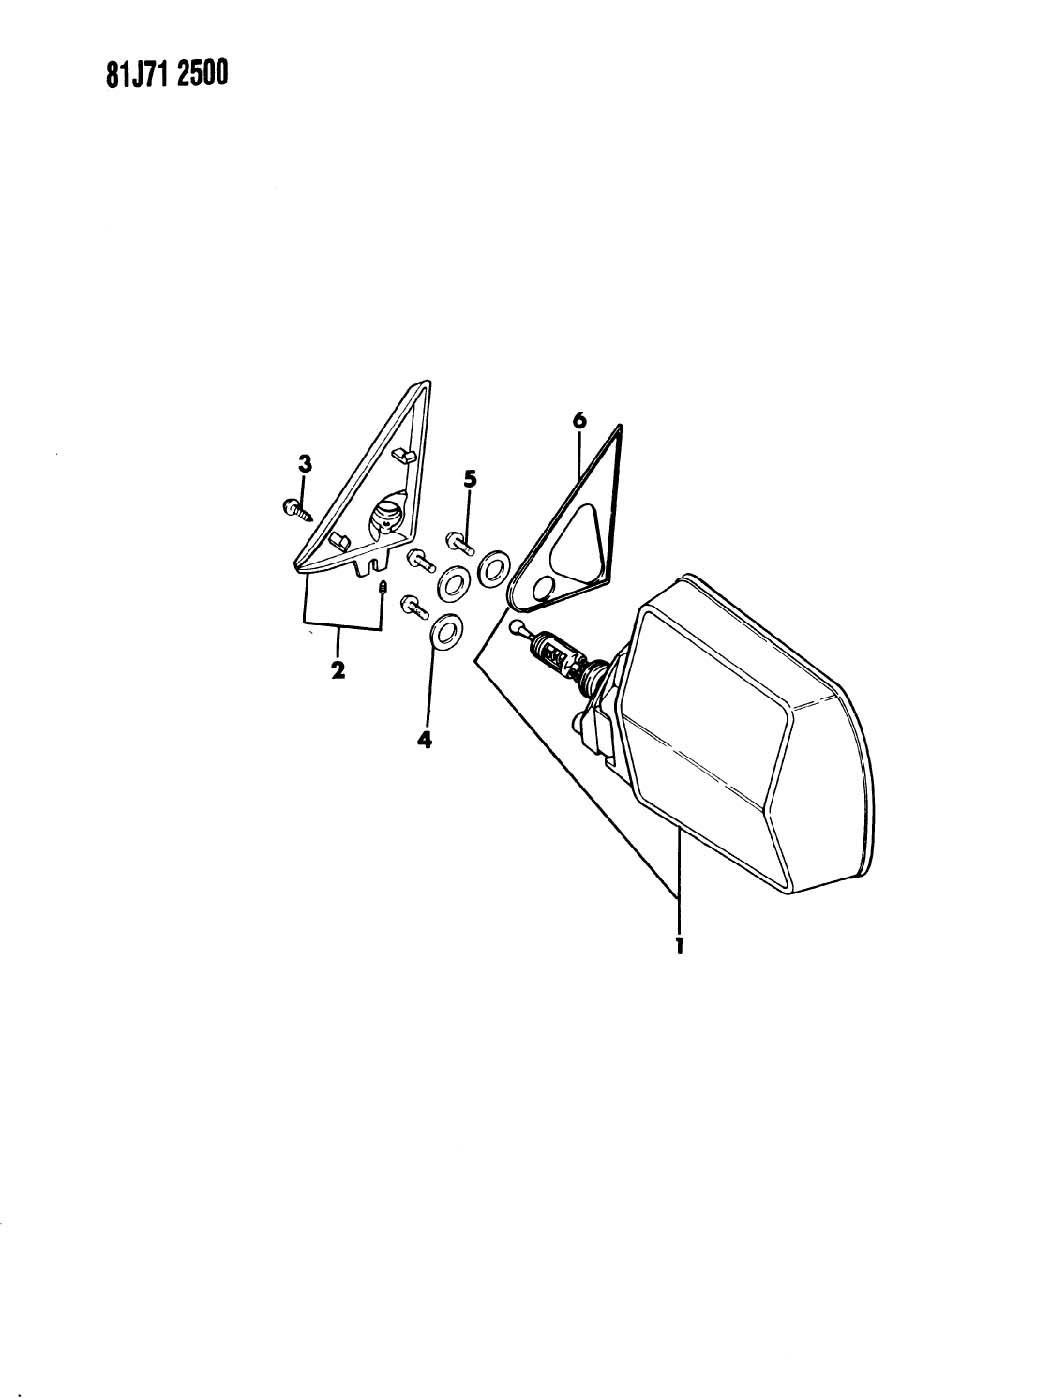 1999 Jeep Cherokee Screw. Pan head torx. M6x1x14